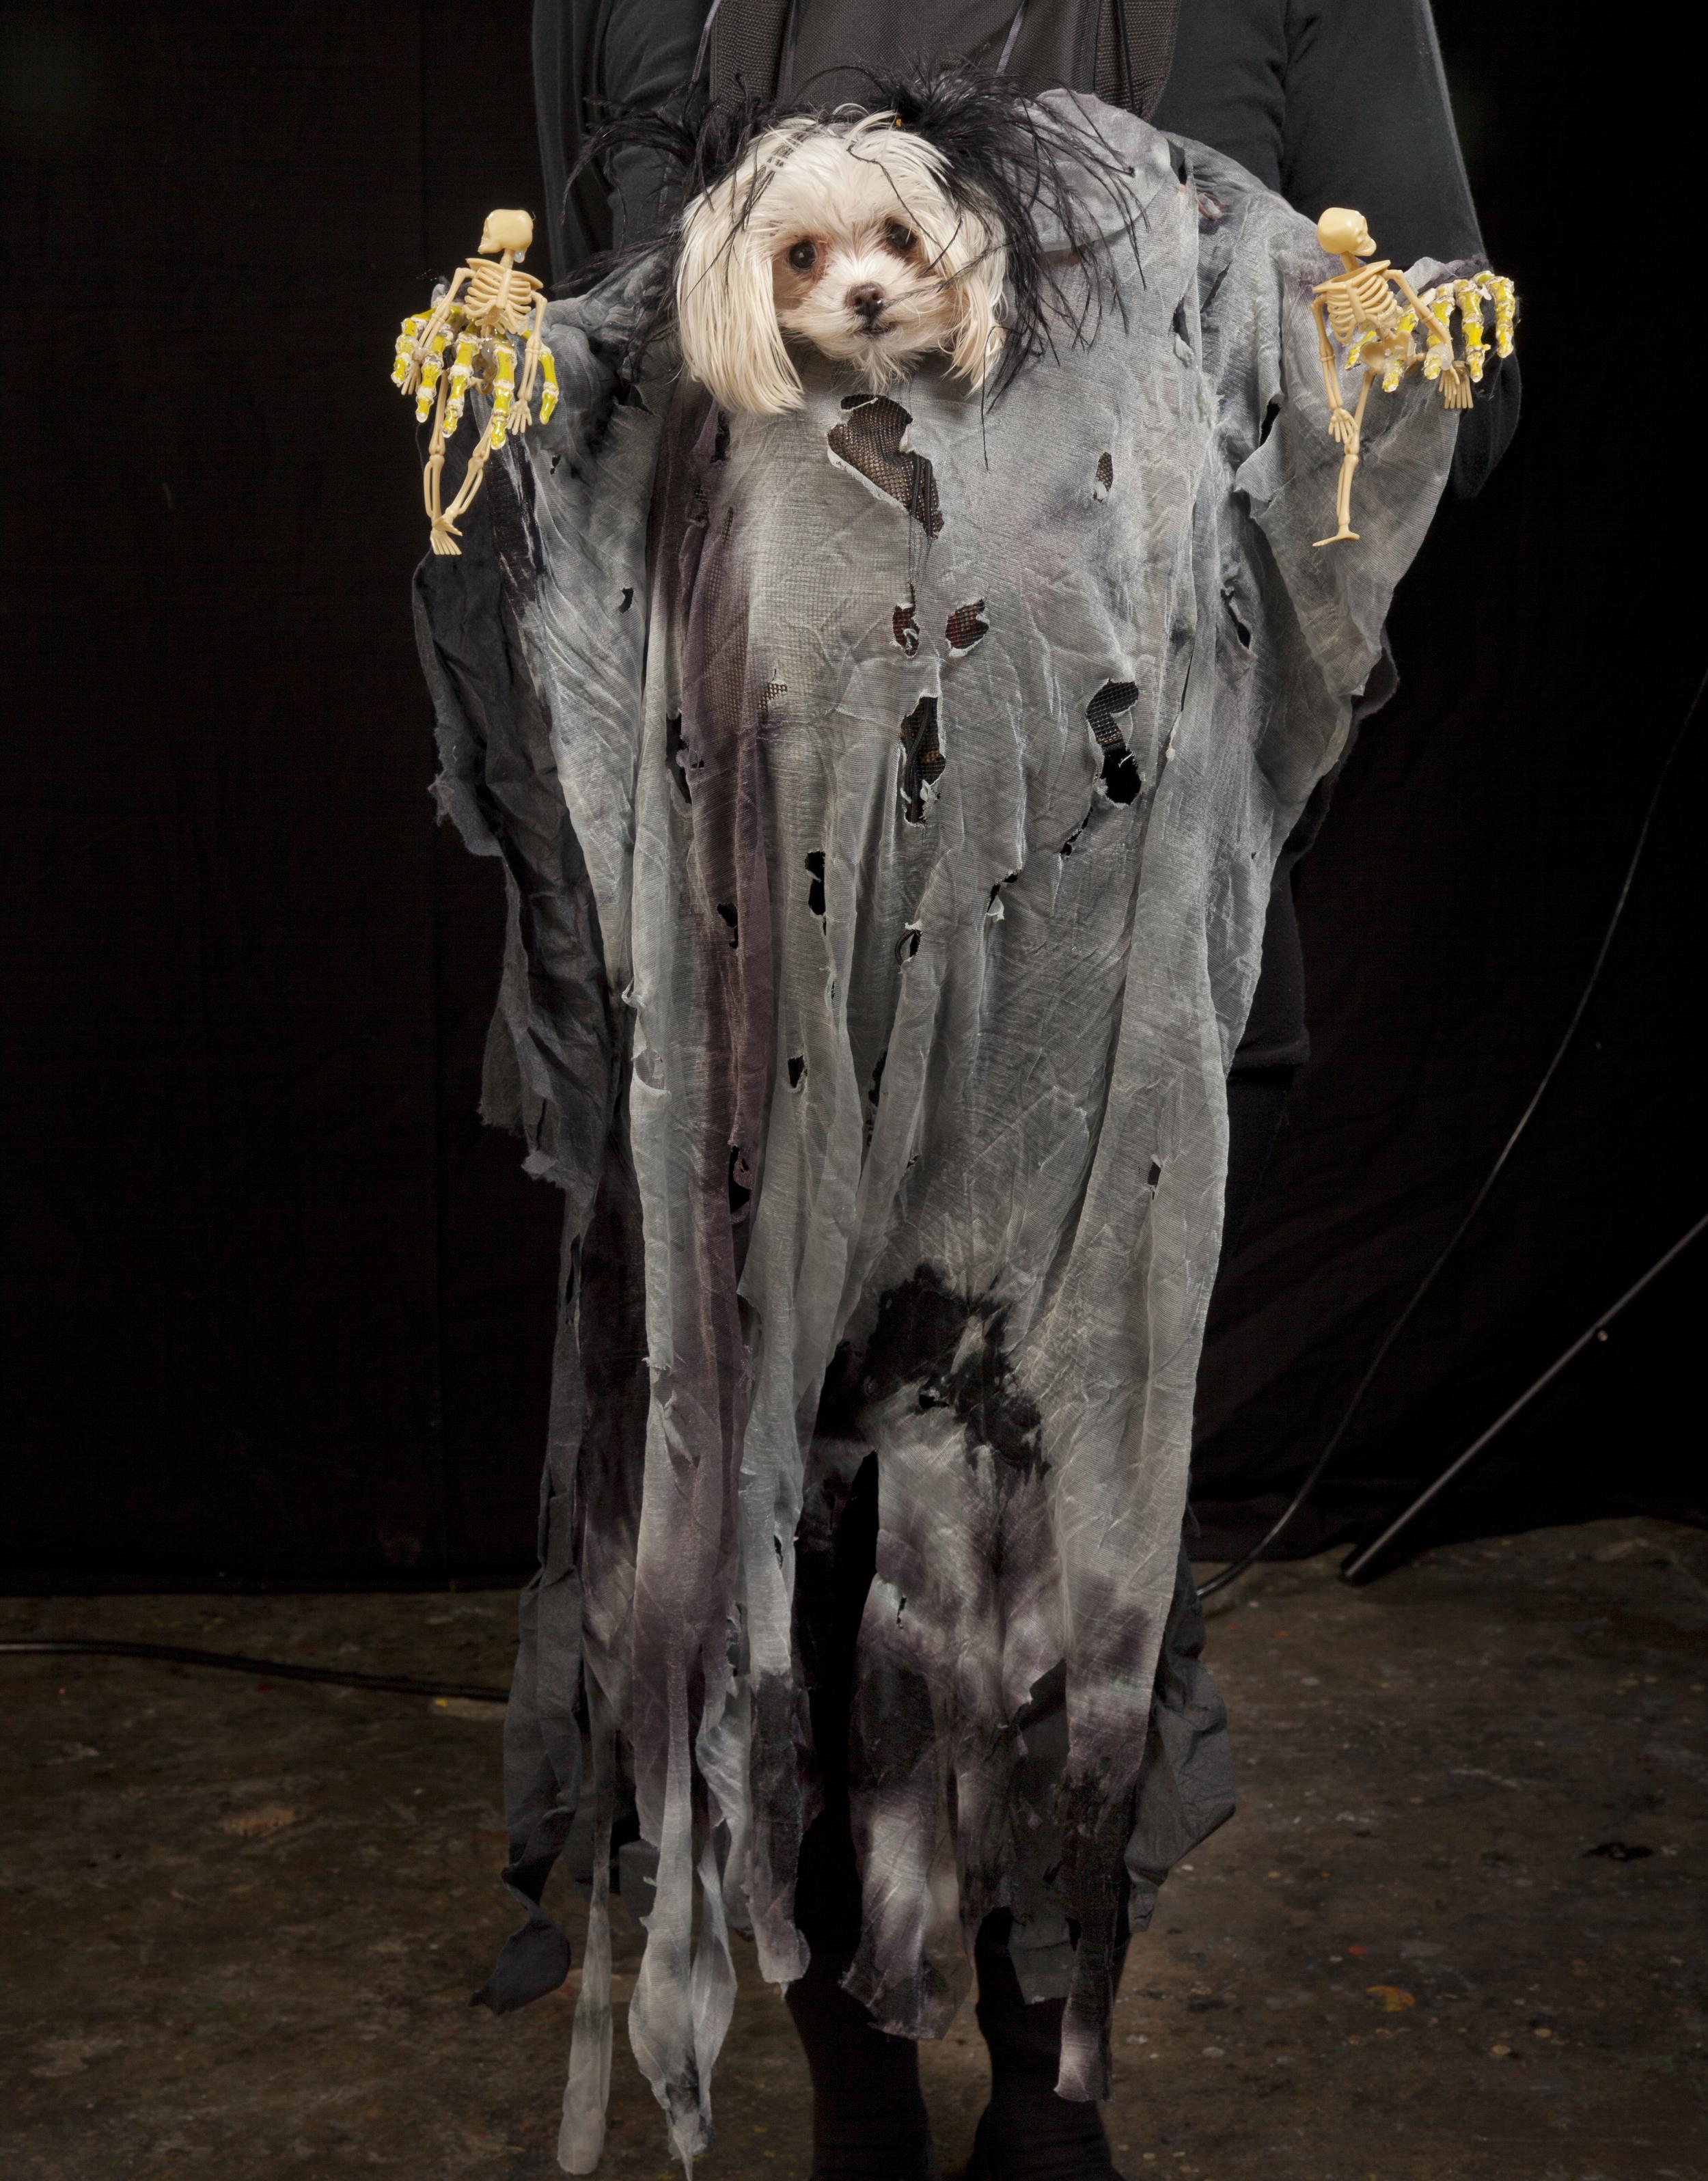 dog, skeleton pawsIMG_4238.jpg